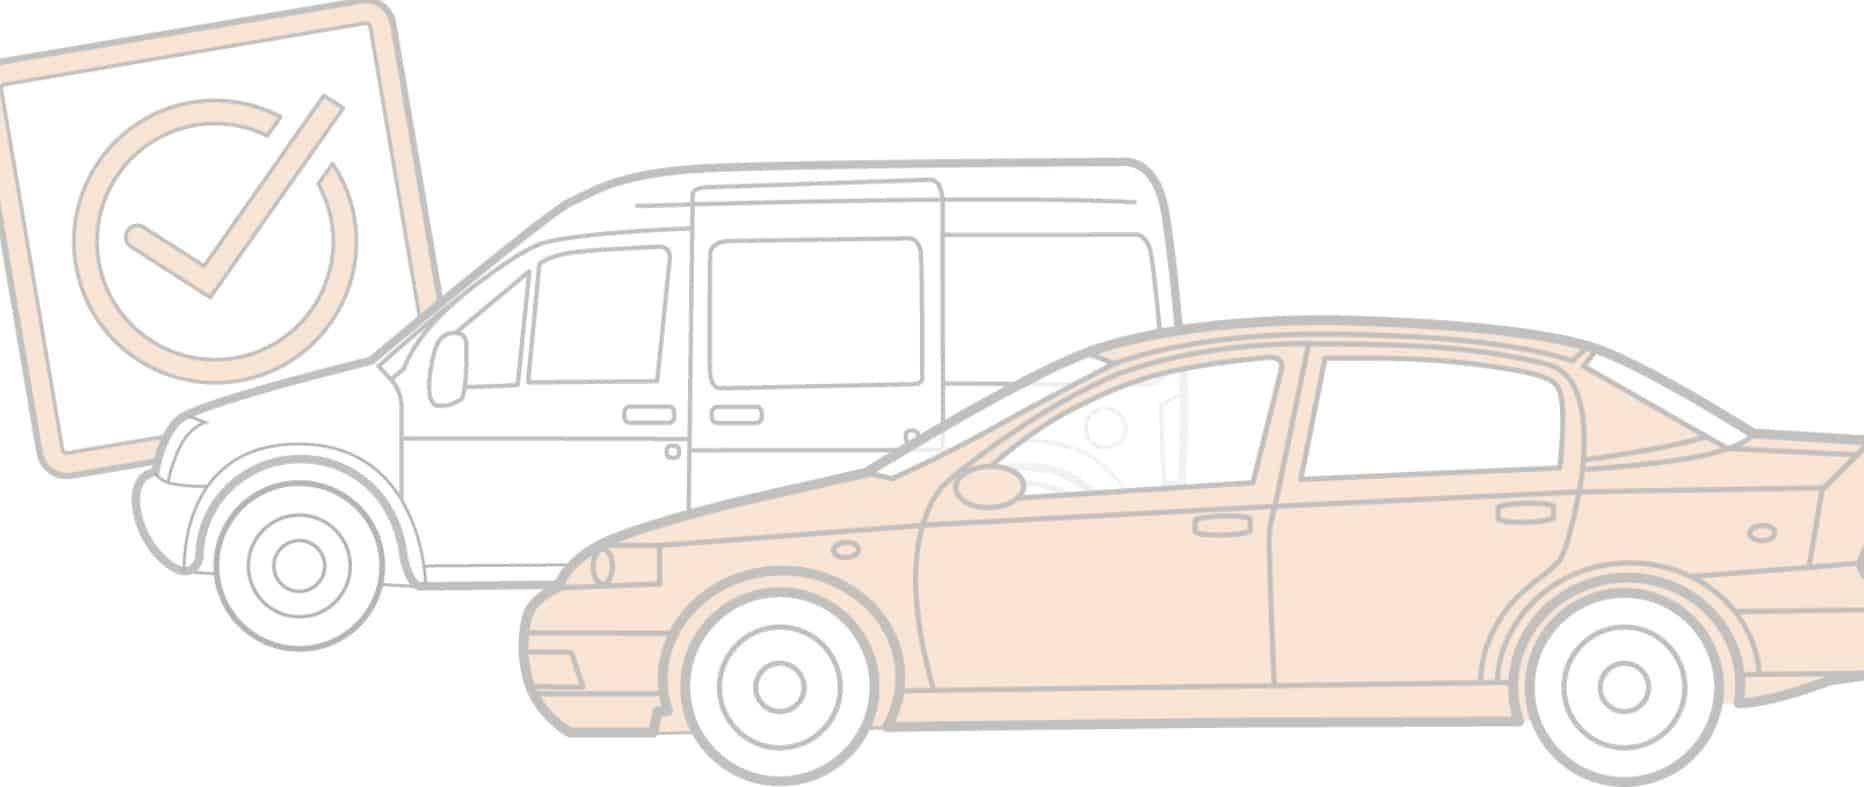 Valor del coche para hacienda